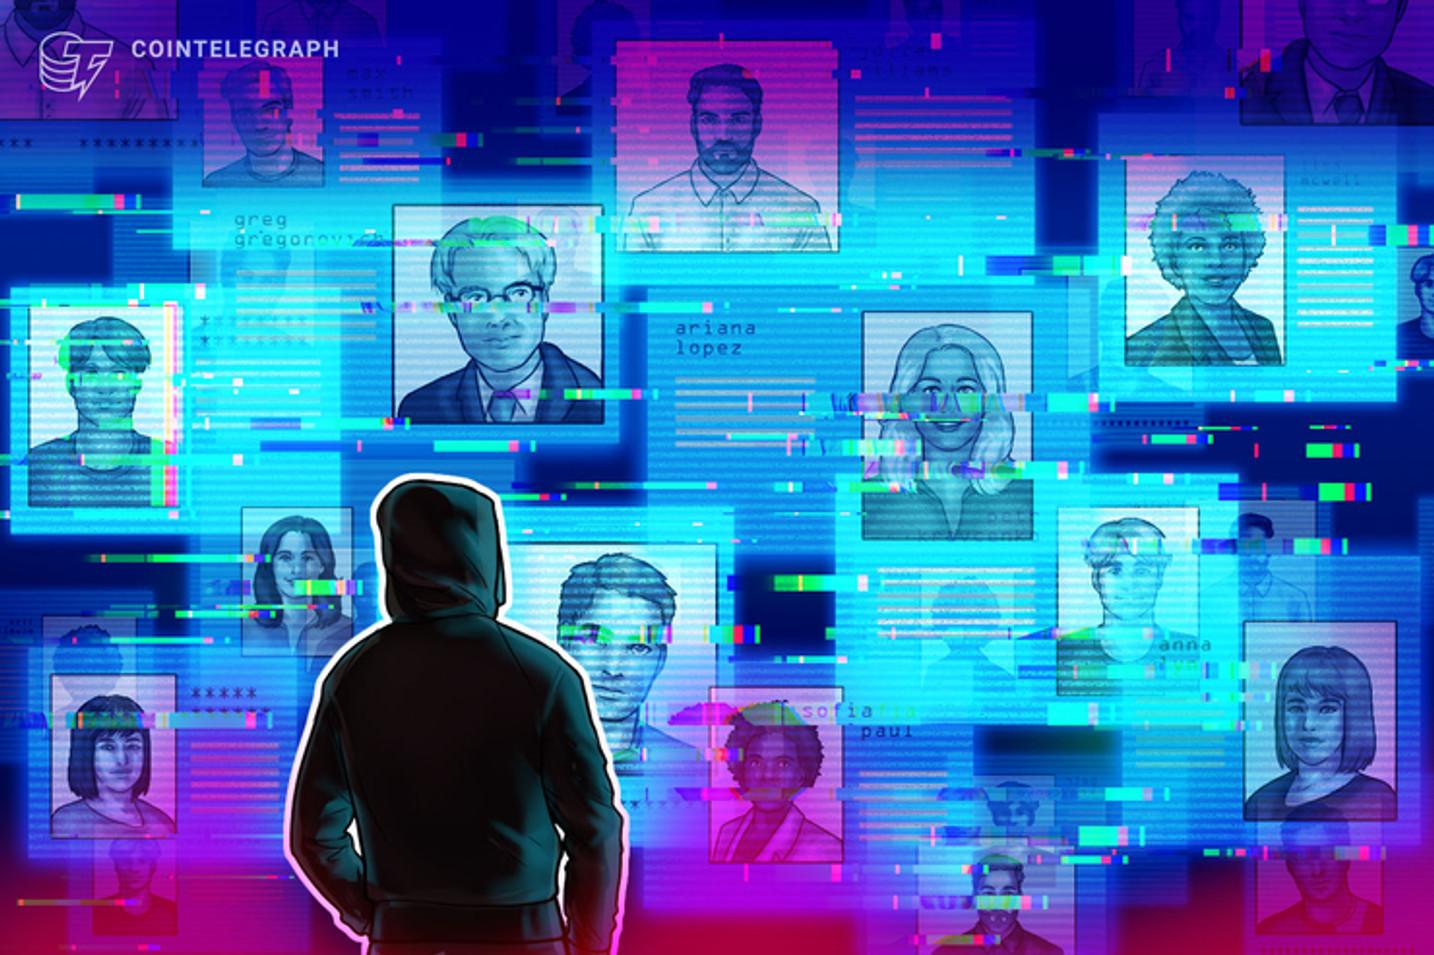 Pesquisa da IBM diz que 96% dos brasileiros não confia na proteção de informações pessoais por empresas e organizações